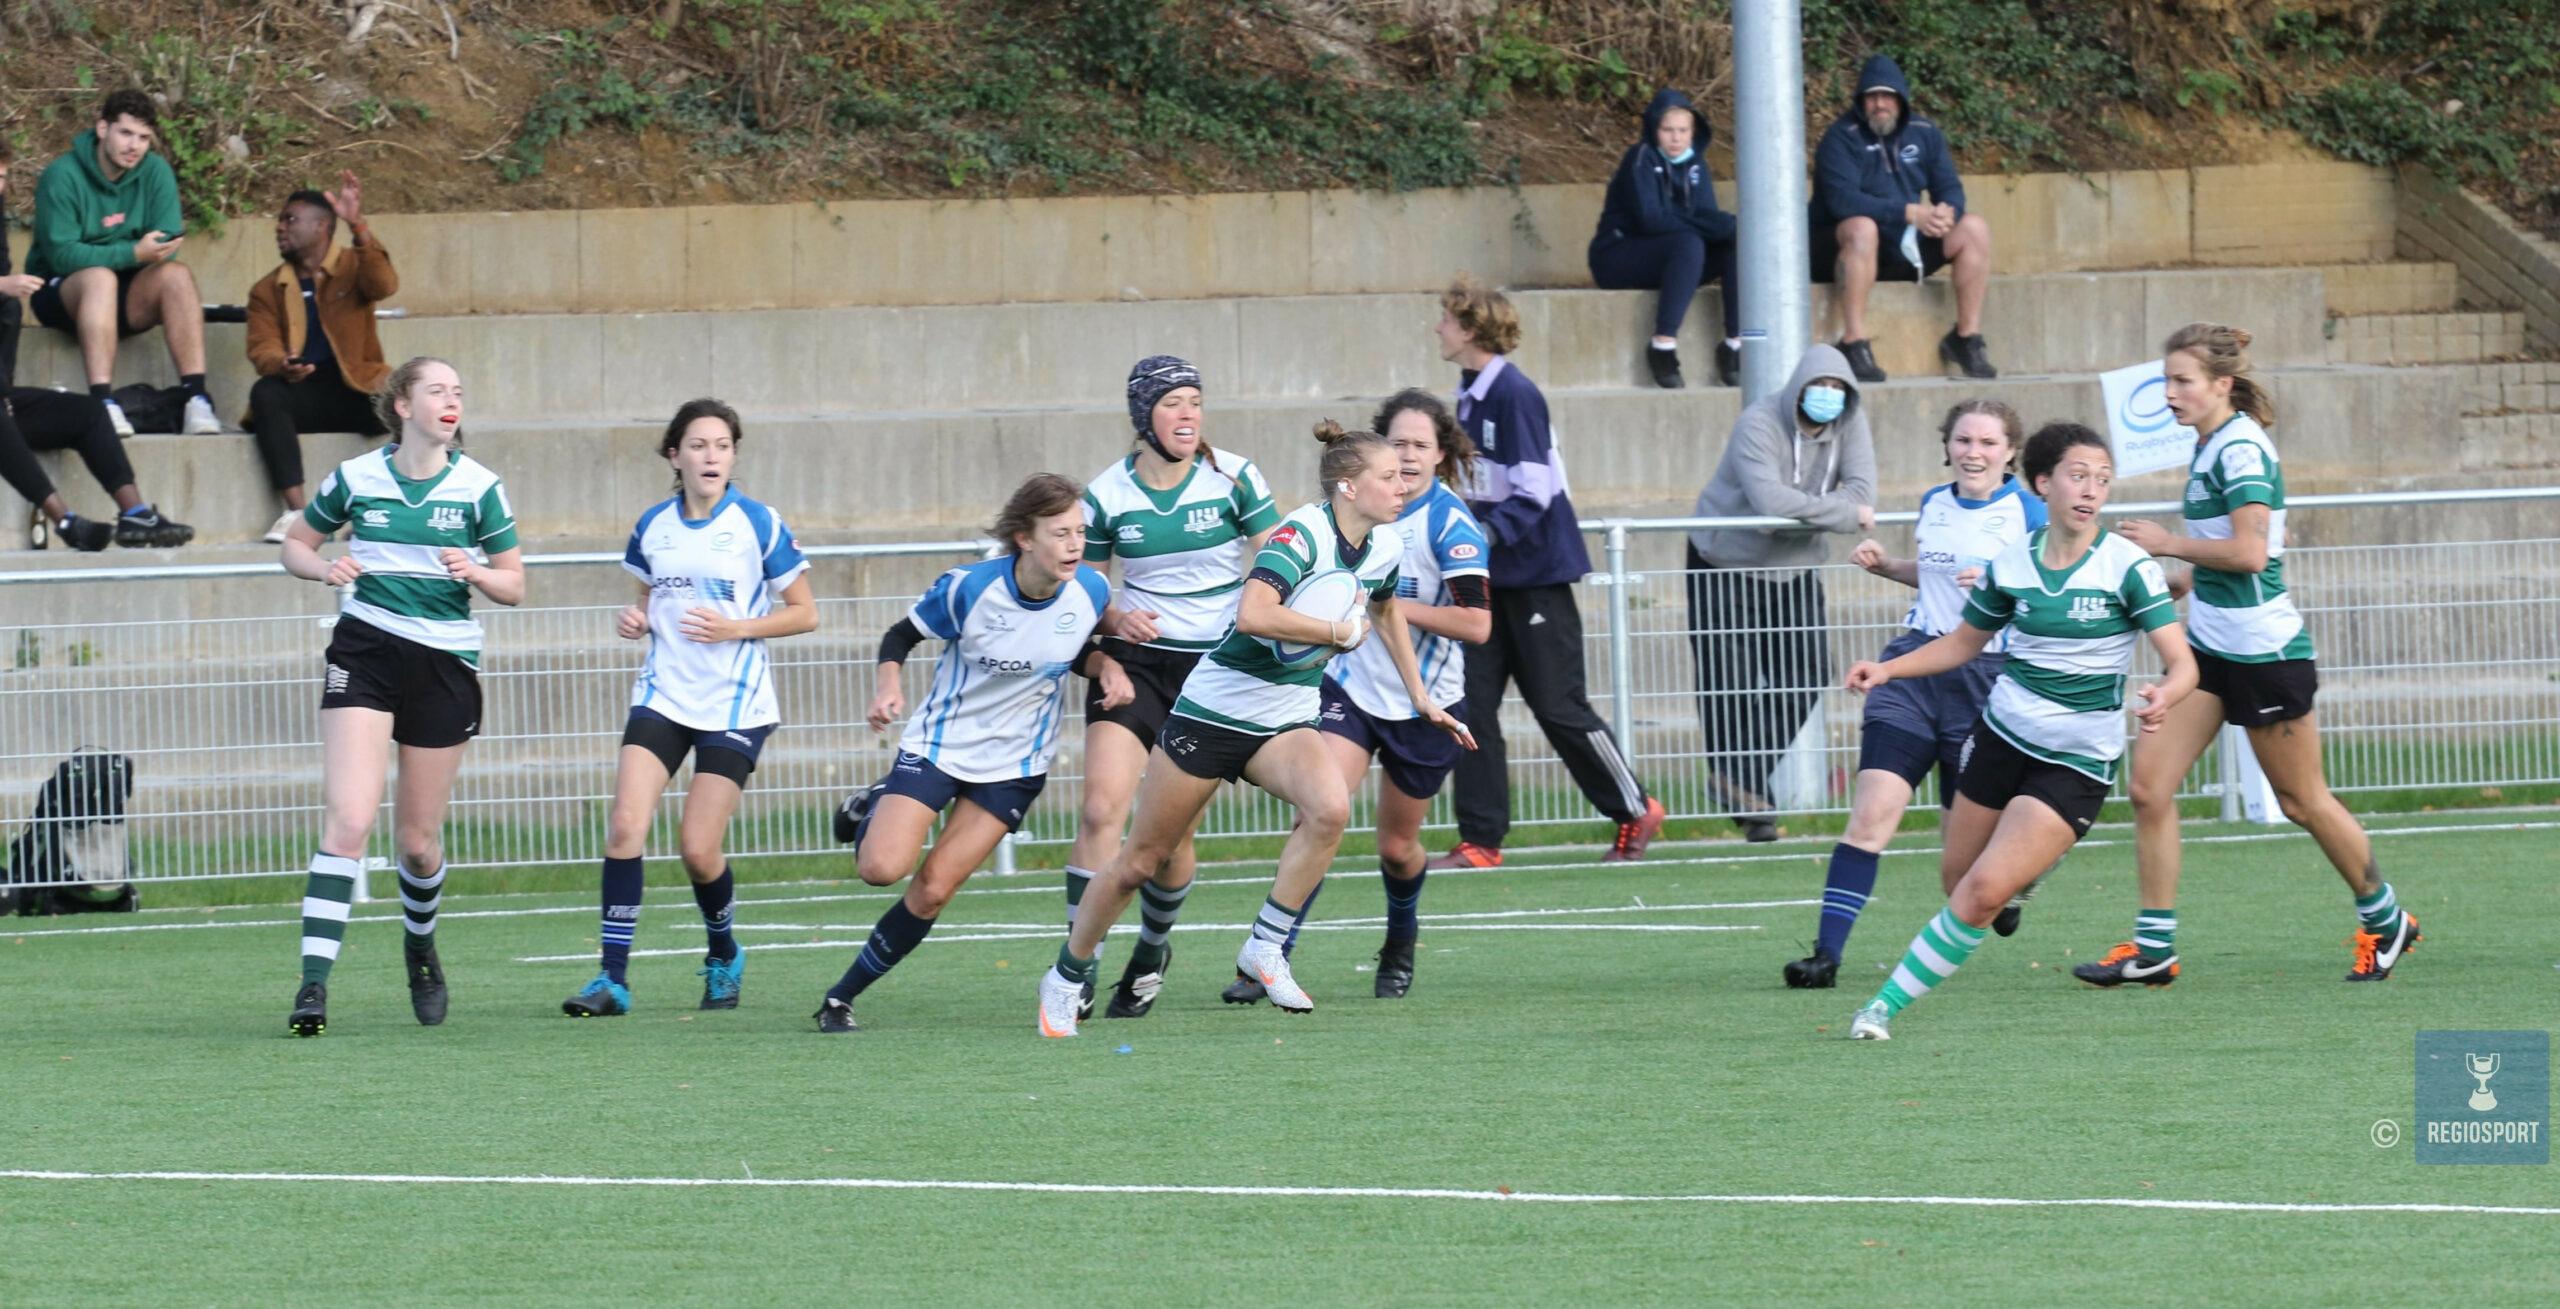 Gentse rugbyladies winnen voor het eerst en het laatst voor de coronabreak